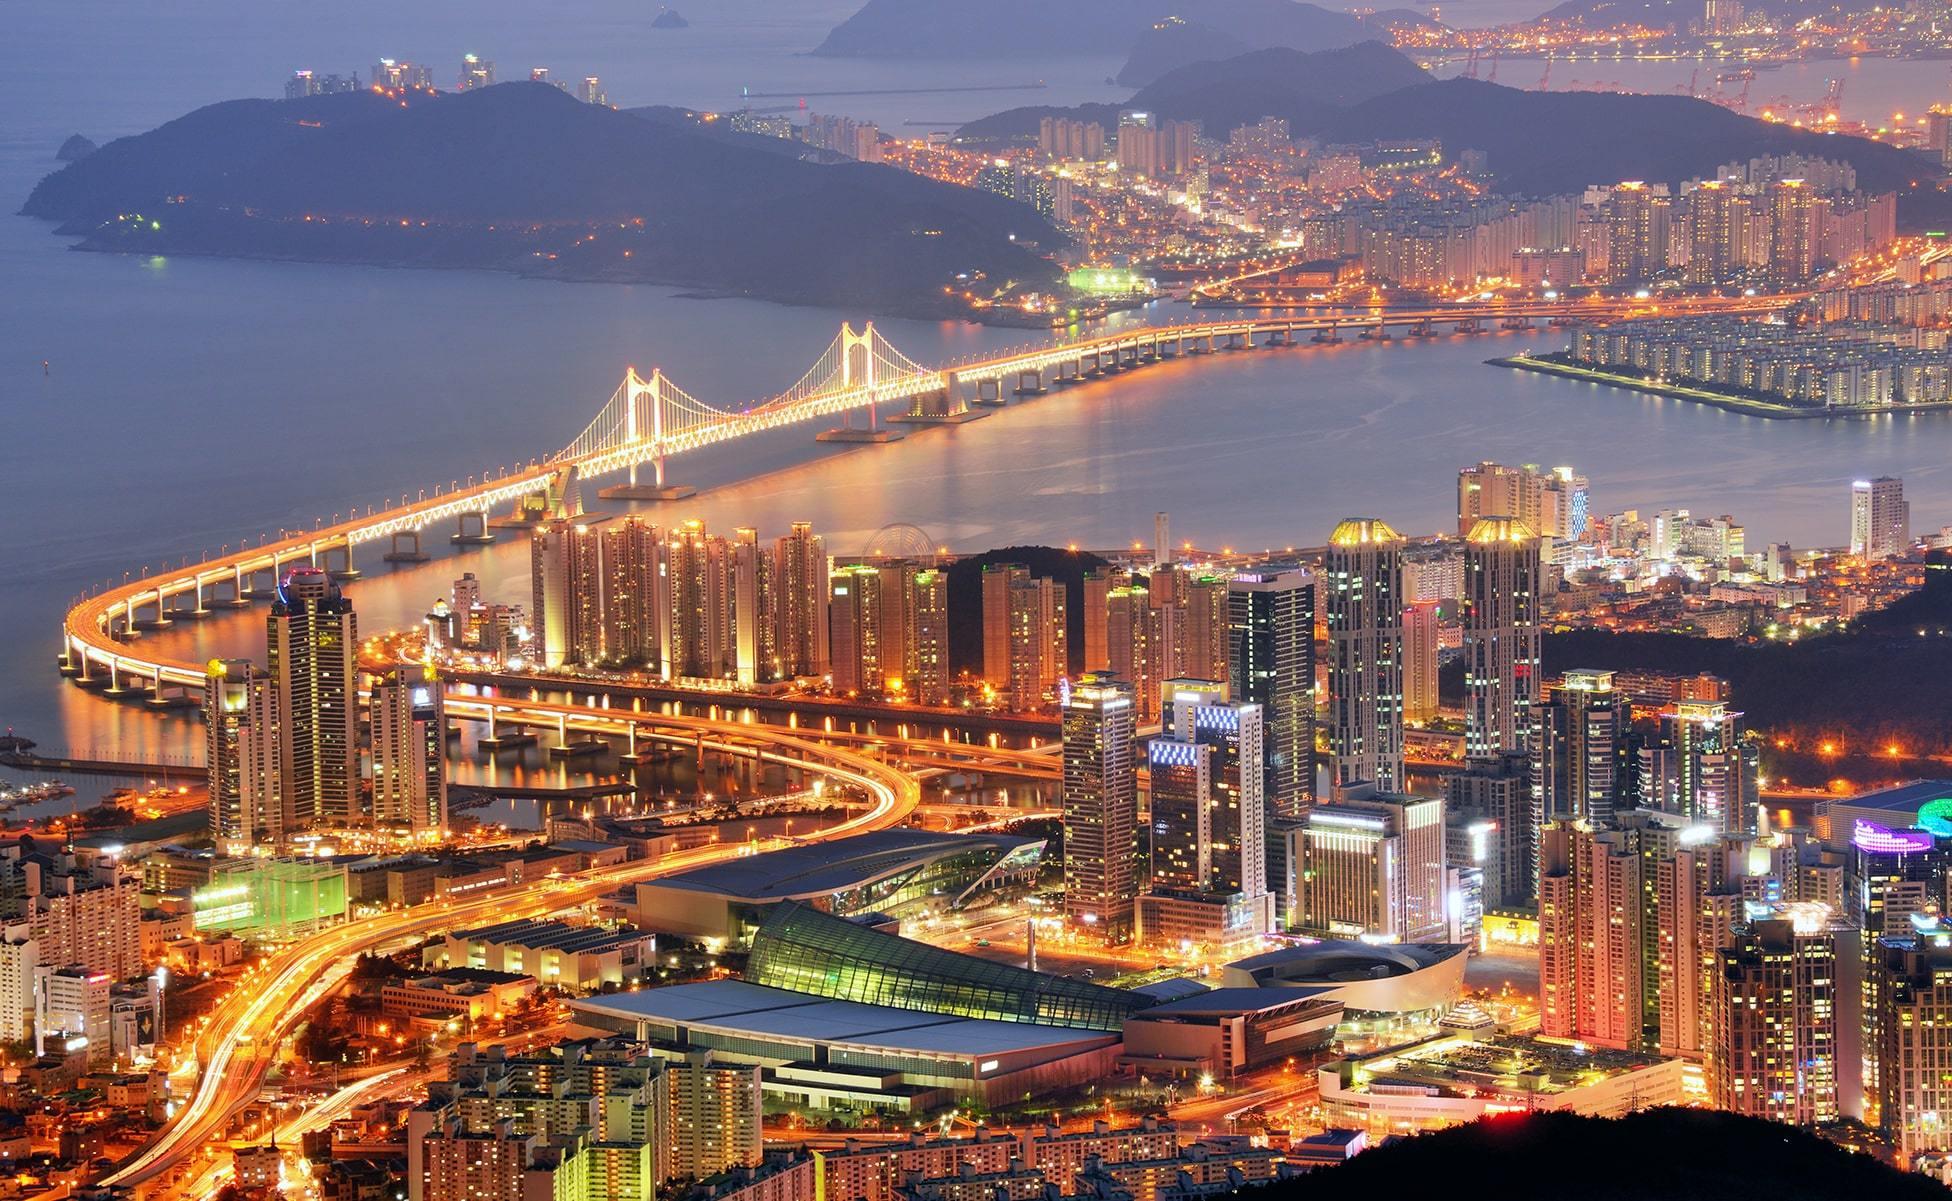 cuanto cuesta corea sur-min